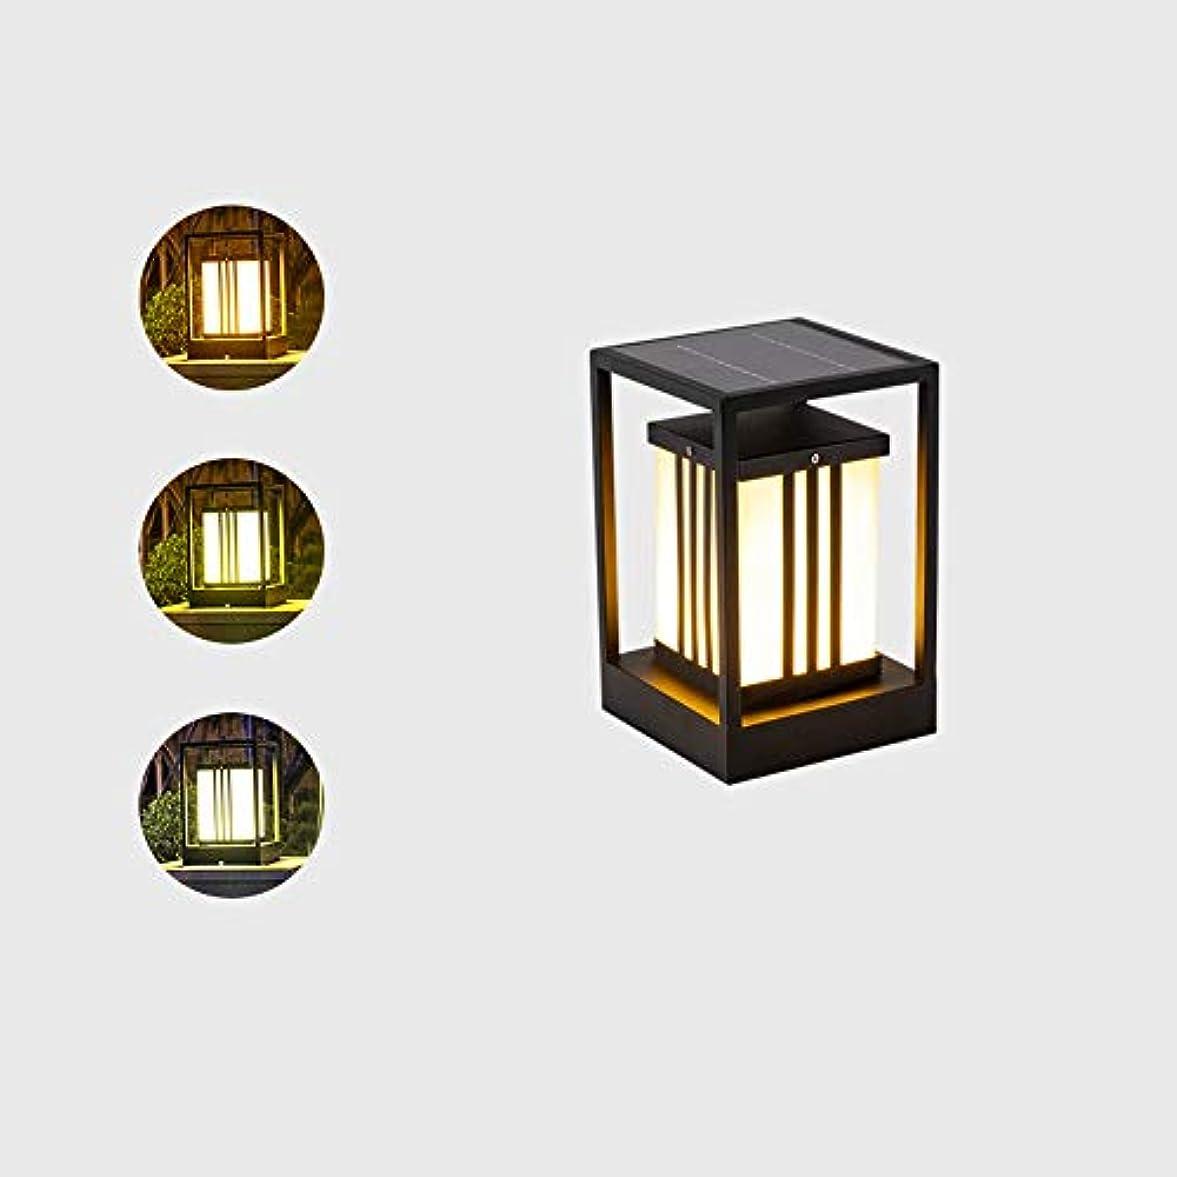 気球減少同化するPinjeer Ledソーラー屋外3色調光ガーデンポストライトヨーロッパ現代クリエイティブステンレス鉄ボディガラスランプシェードコラムランプ風景ストリートヴィラ風景ドア装飾柱ライト (サイズ : S)